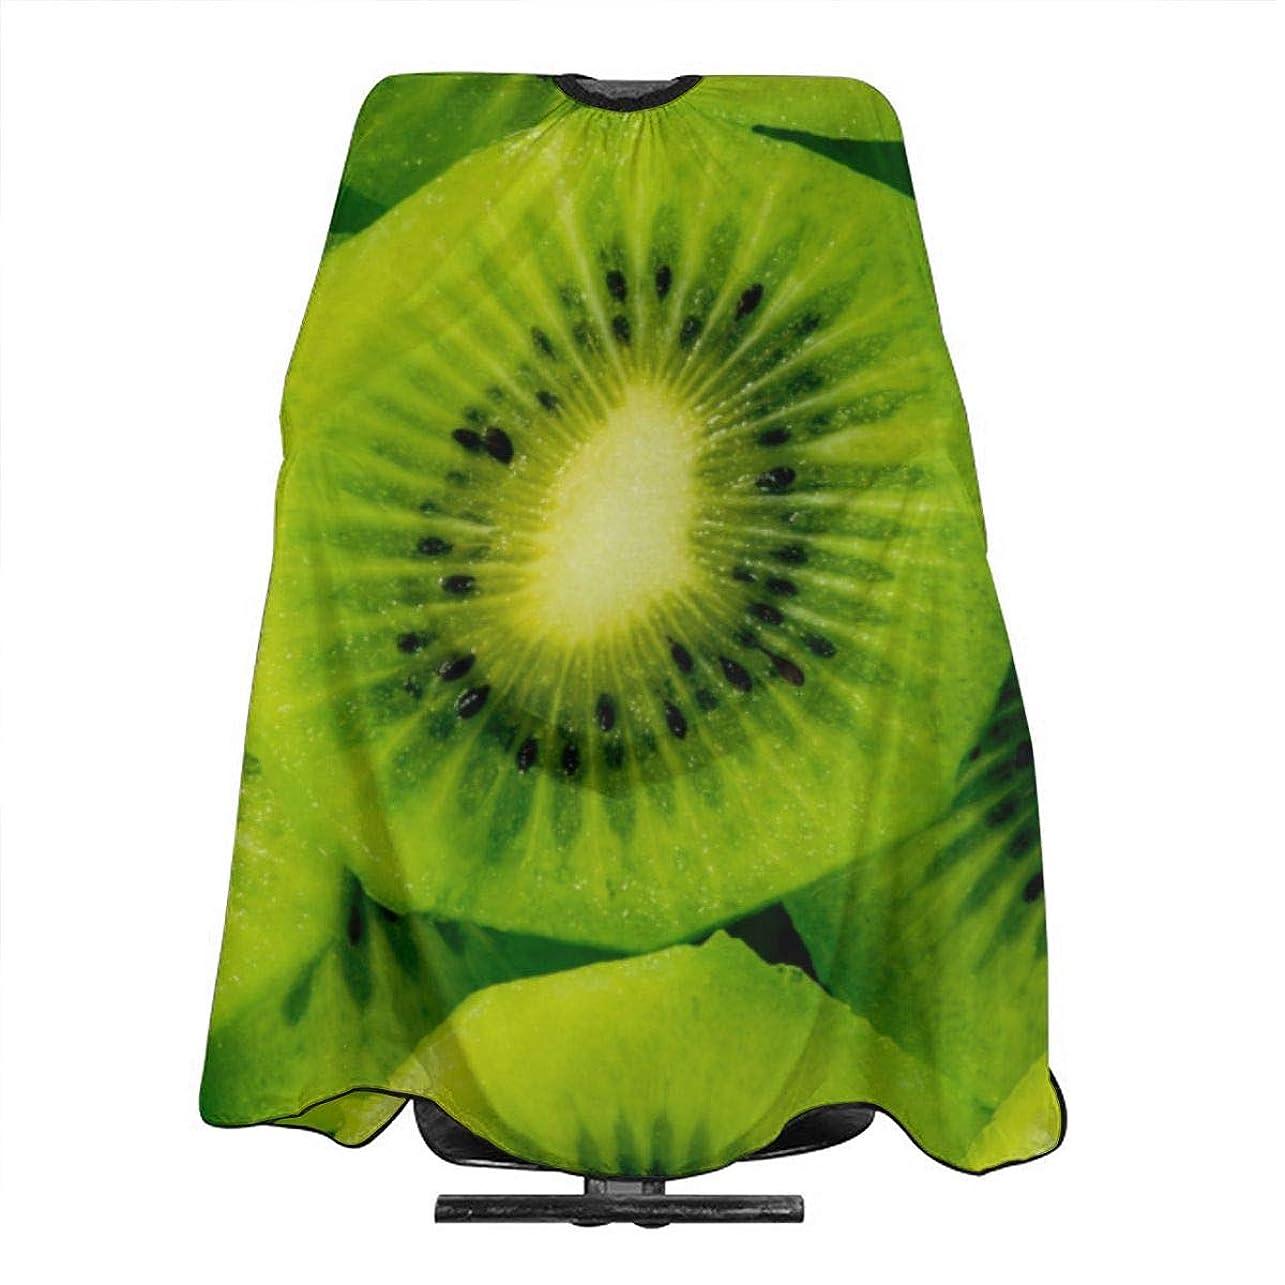 フィットシール選択SUNDY Kiwifruit 大人 散髪ケープ セルフカット ヘアエプロン 散髪マント 140*168cm